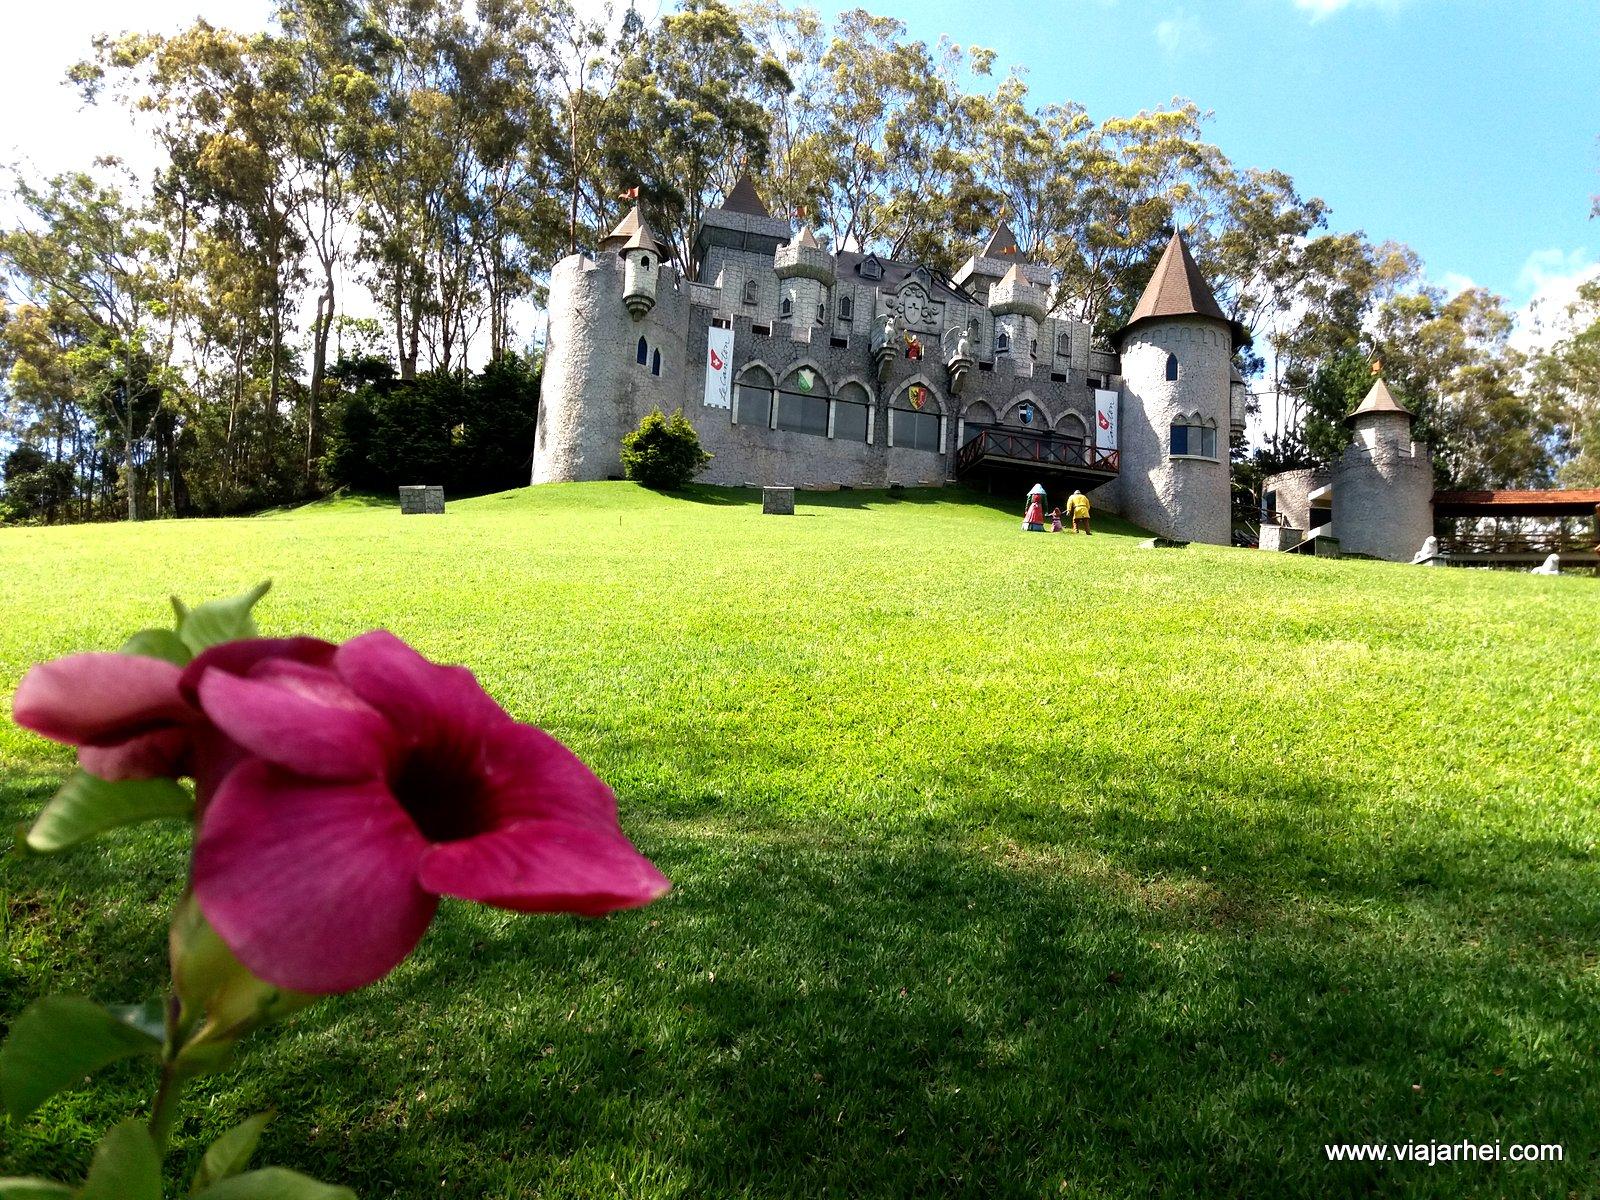 Le Canton - www.viajarhei.com